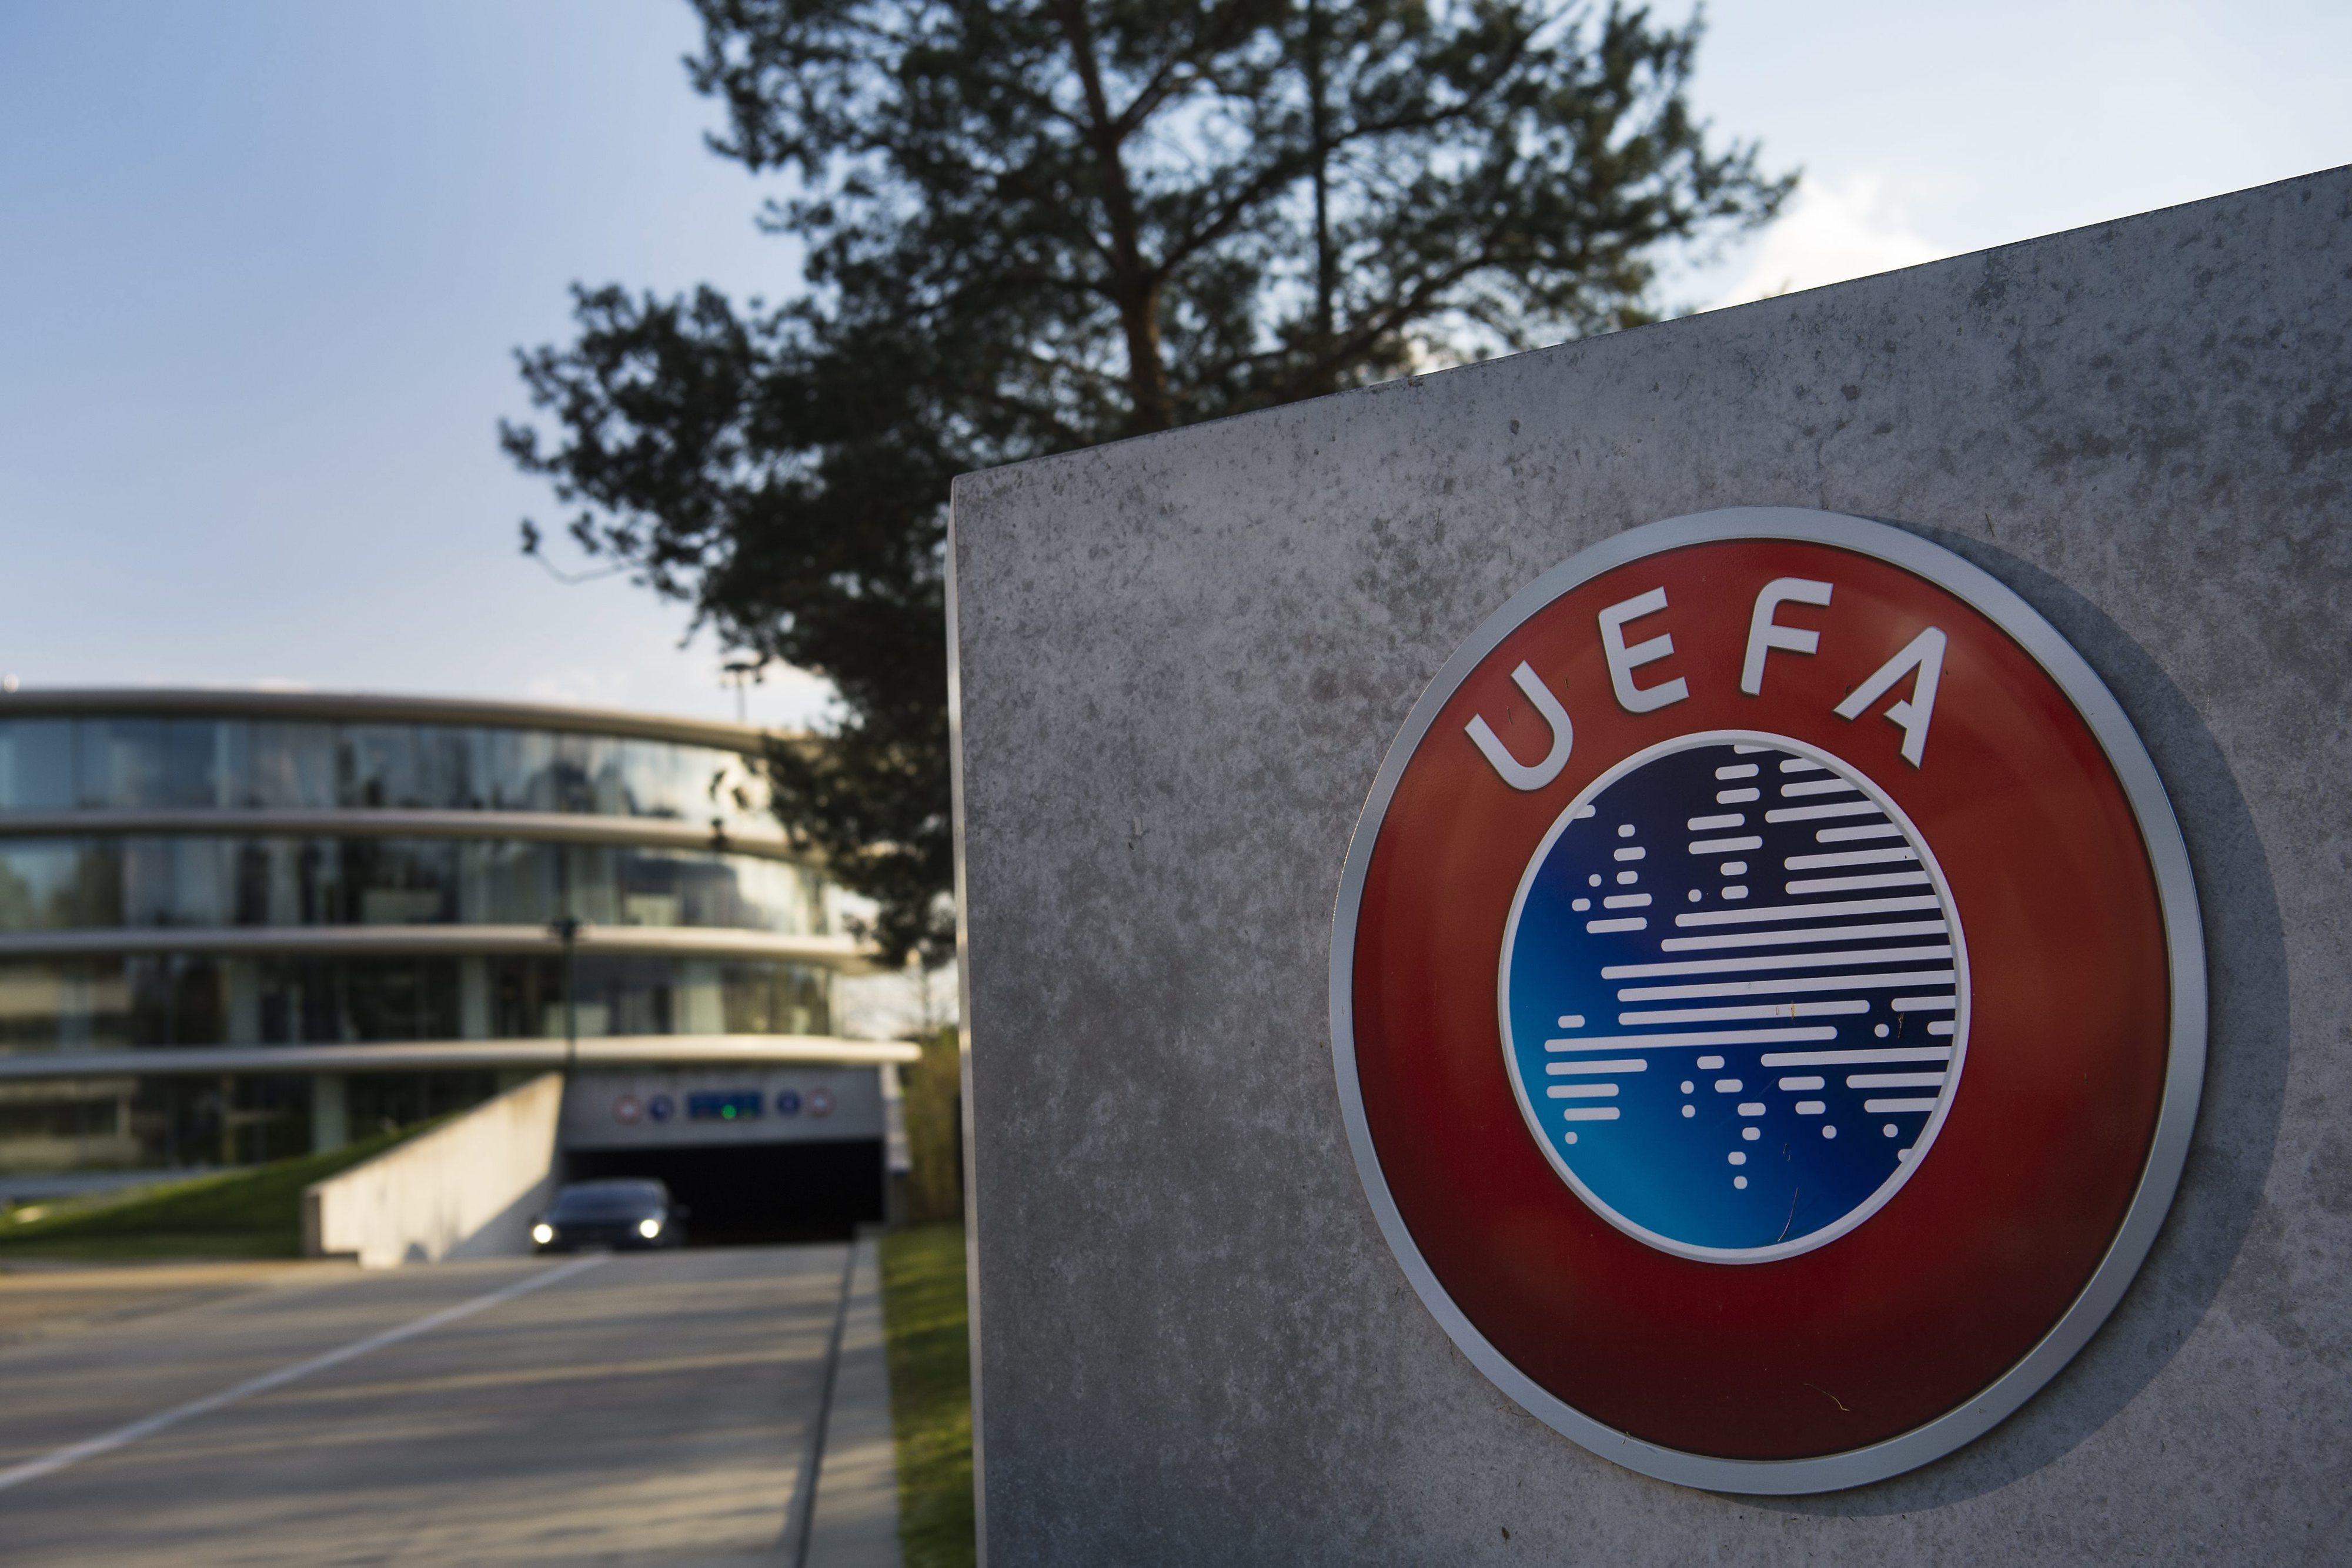 UEFA castiga Rangers e Levski de Sofia devido a comportamentos racistas